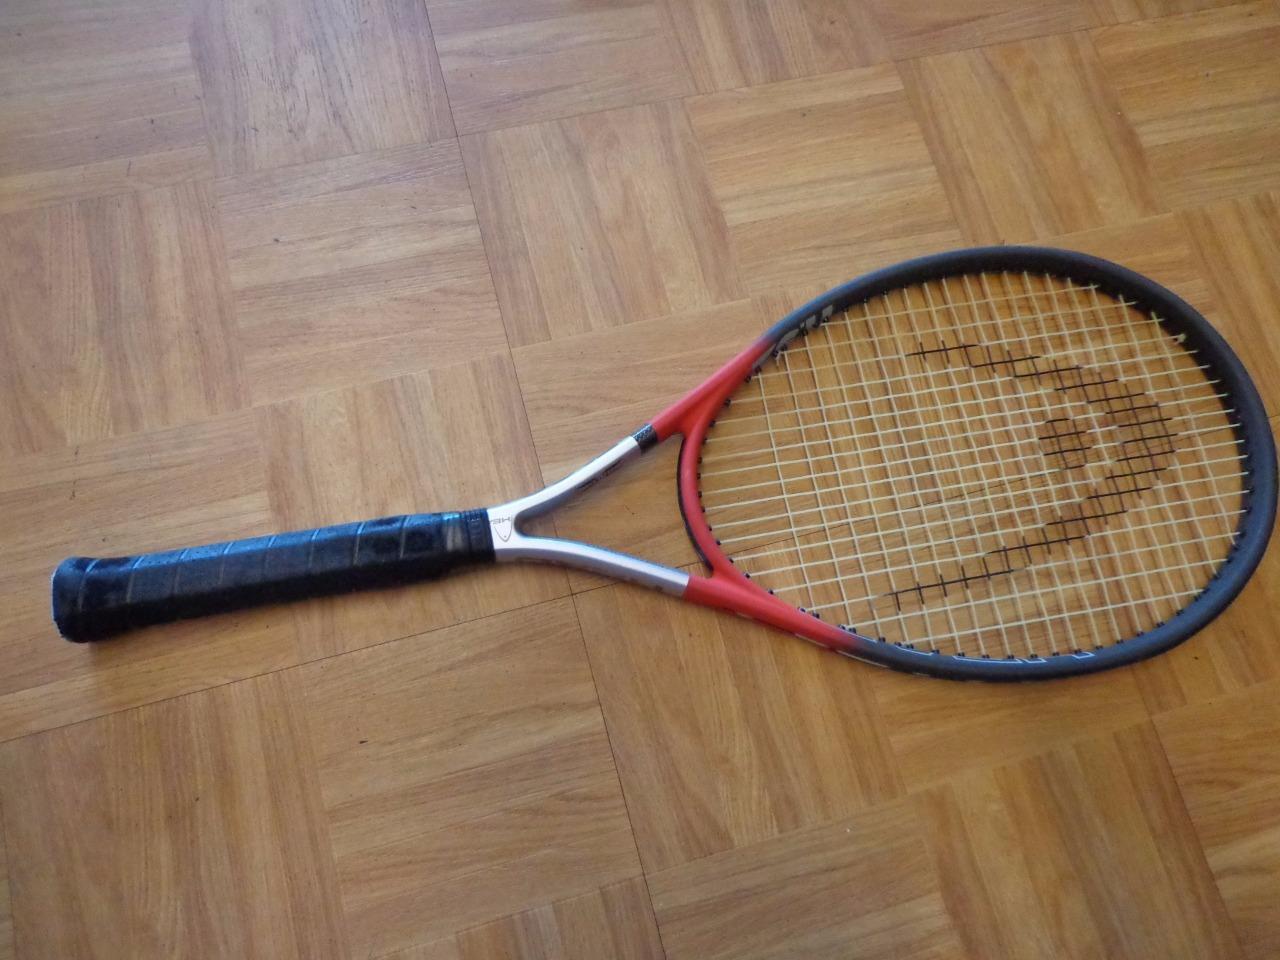 Head Ti. S2 Xtralong 4 1 4 grip Tennis Racquet